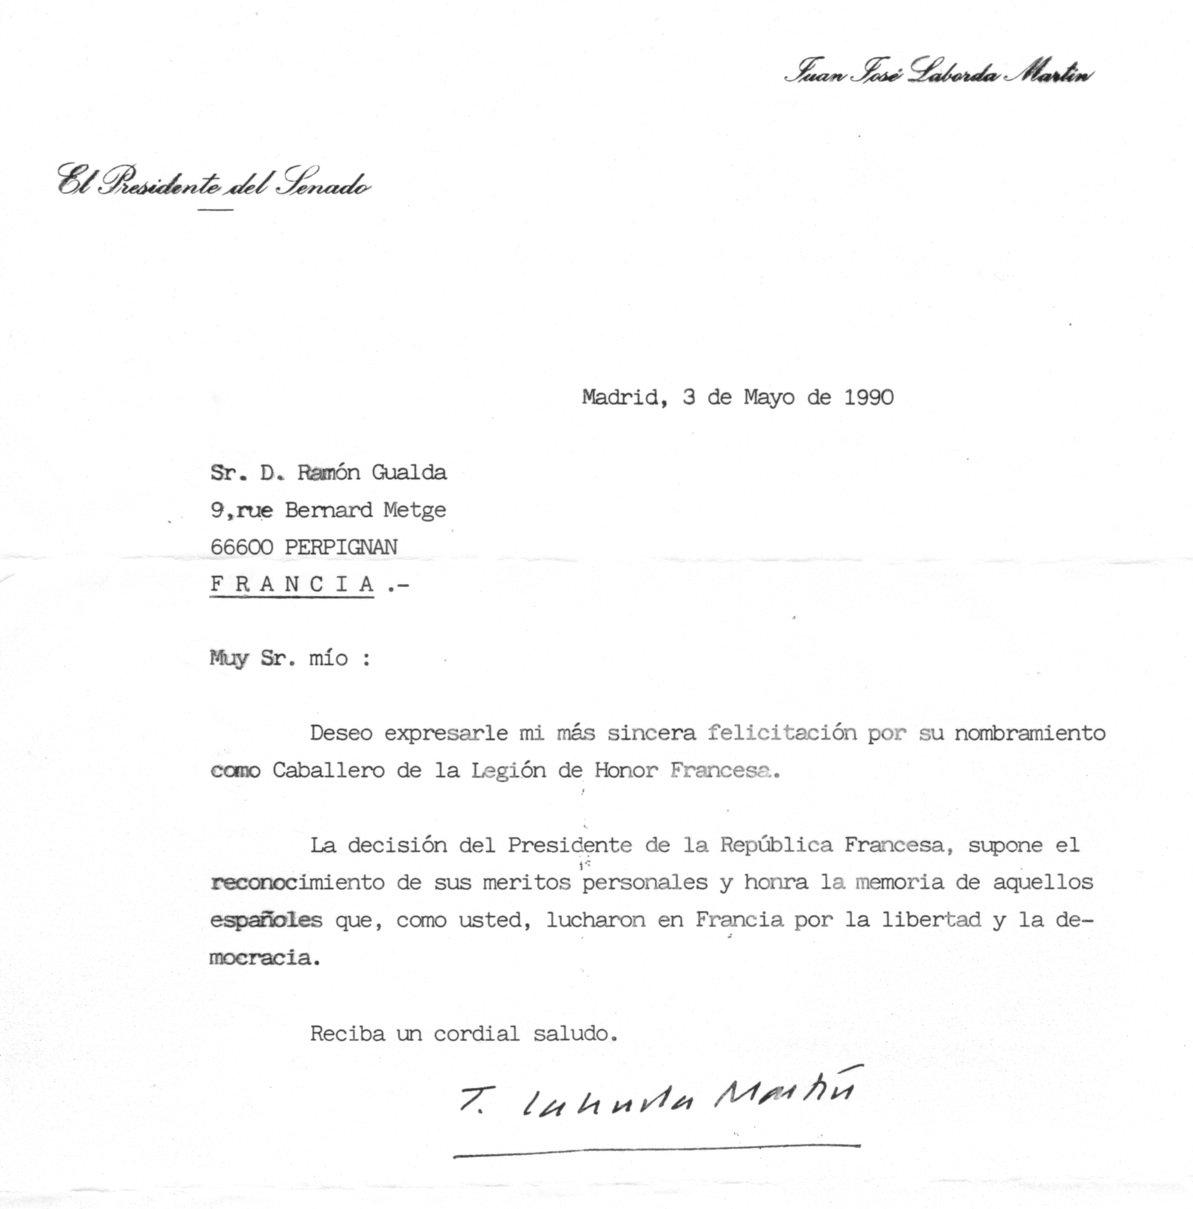 Felicitación del expresidente del Senado, Juan José Laborda.